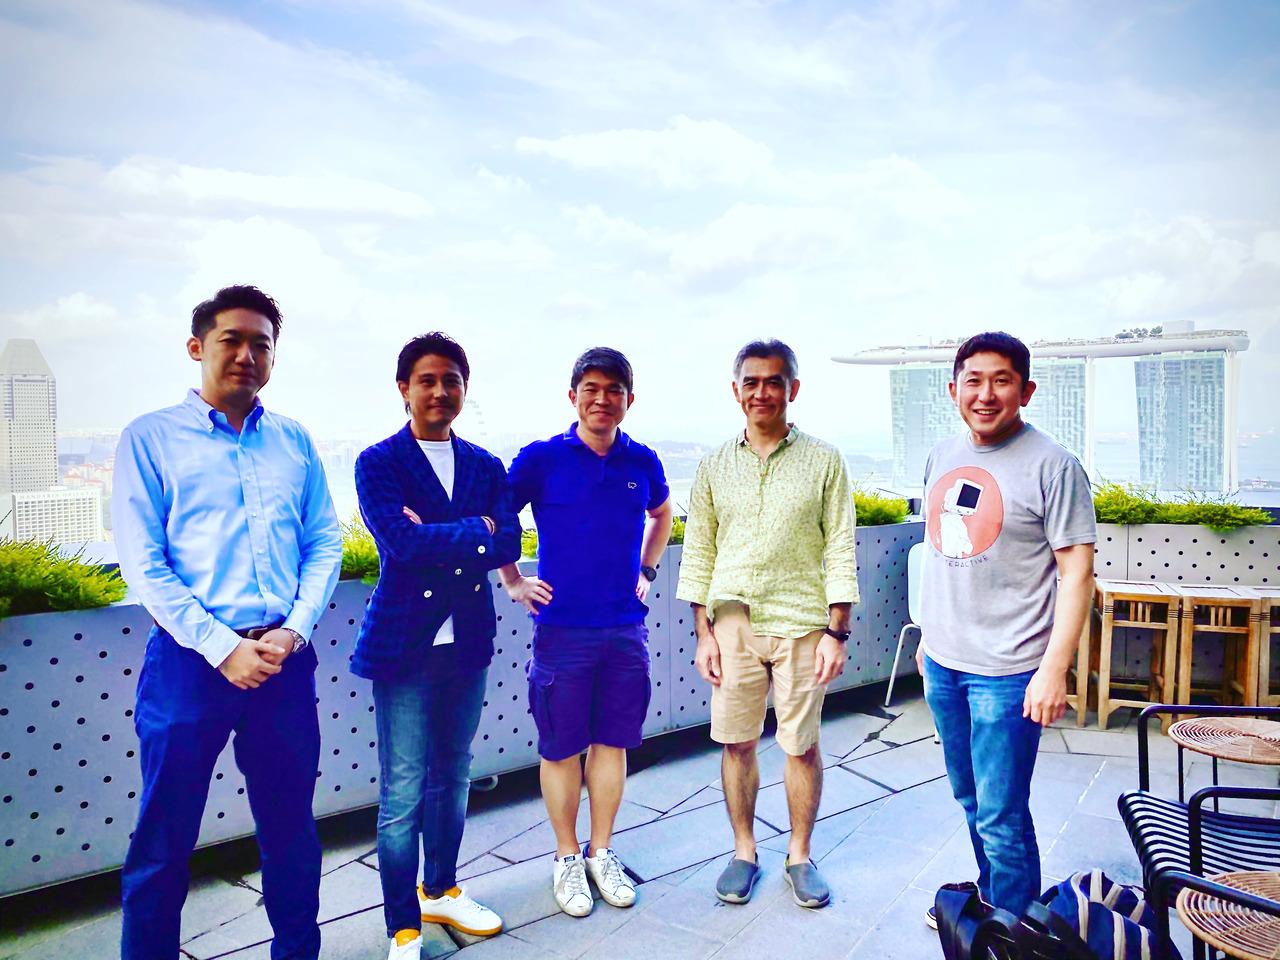 ブログ記事: WAOJEシンガポールについて